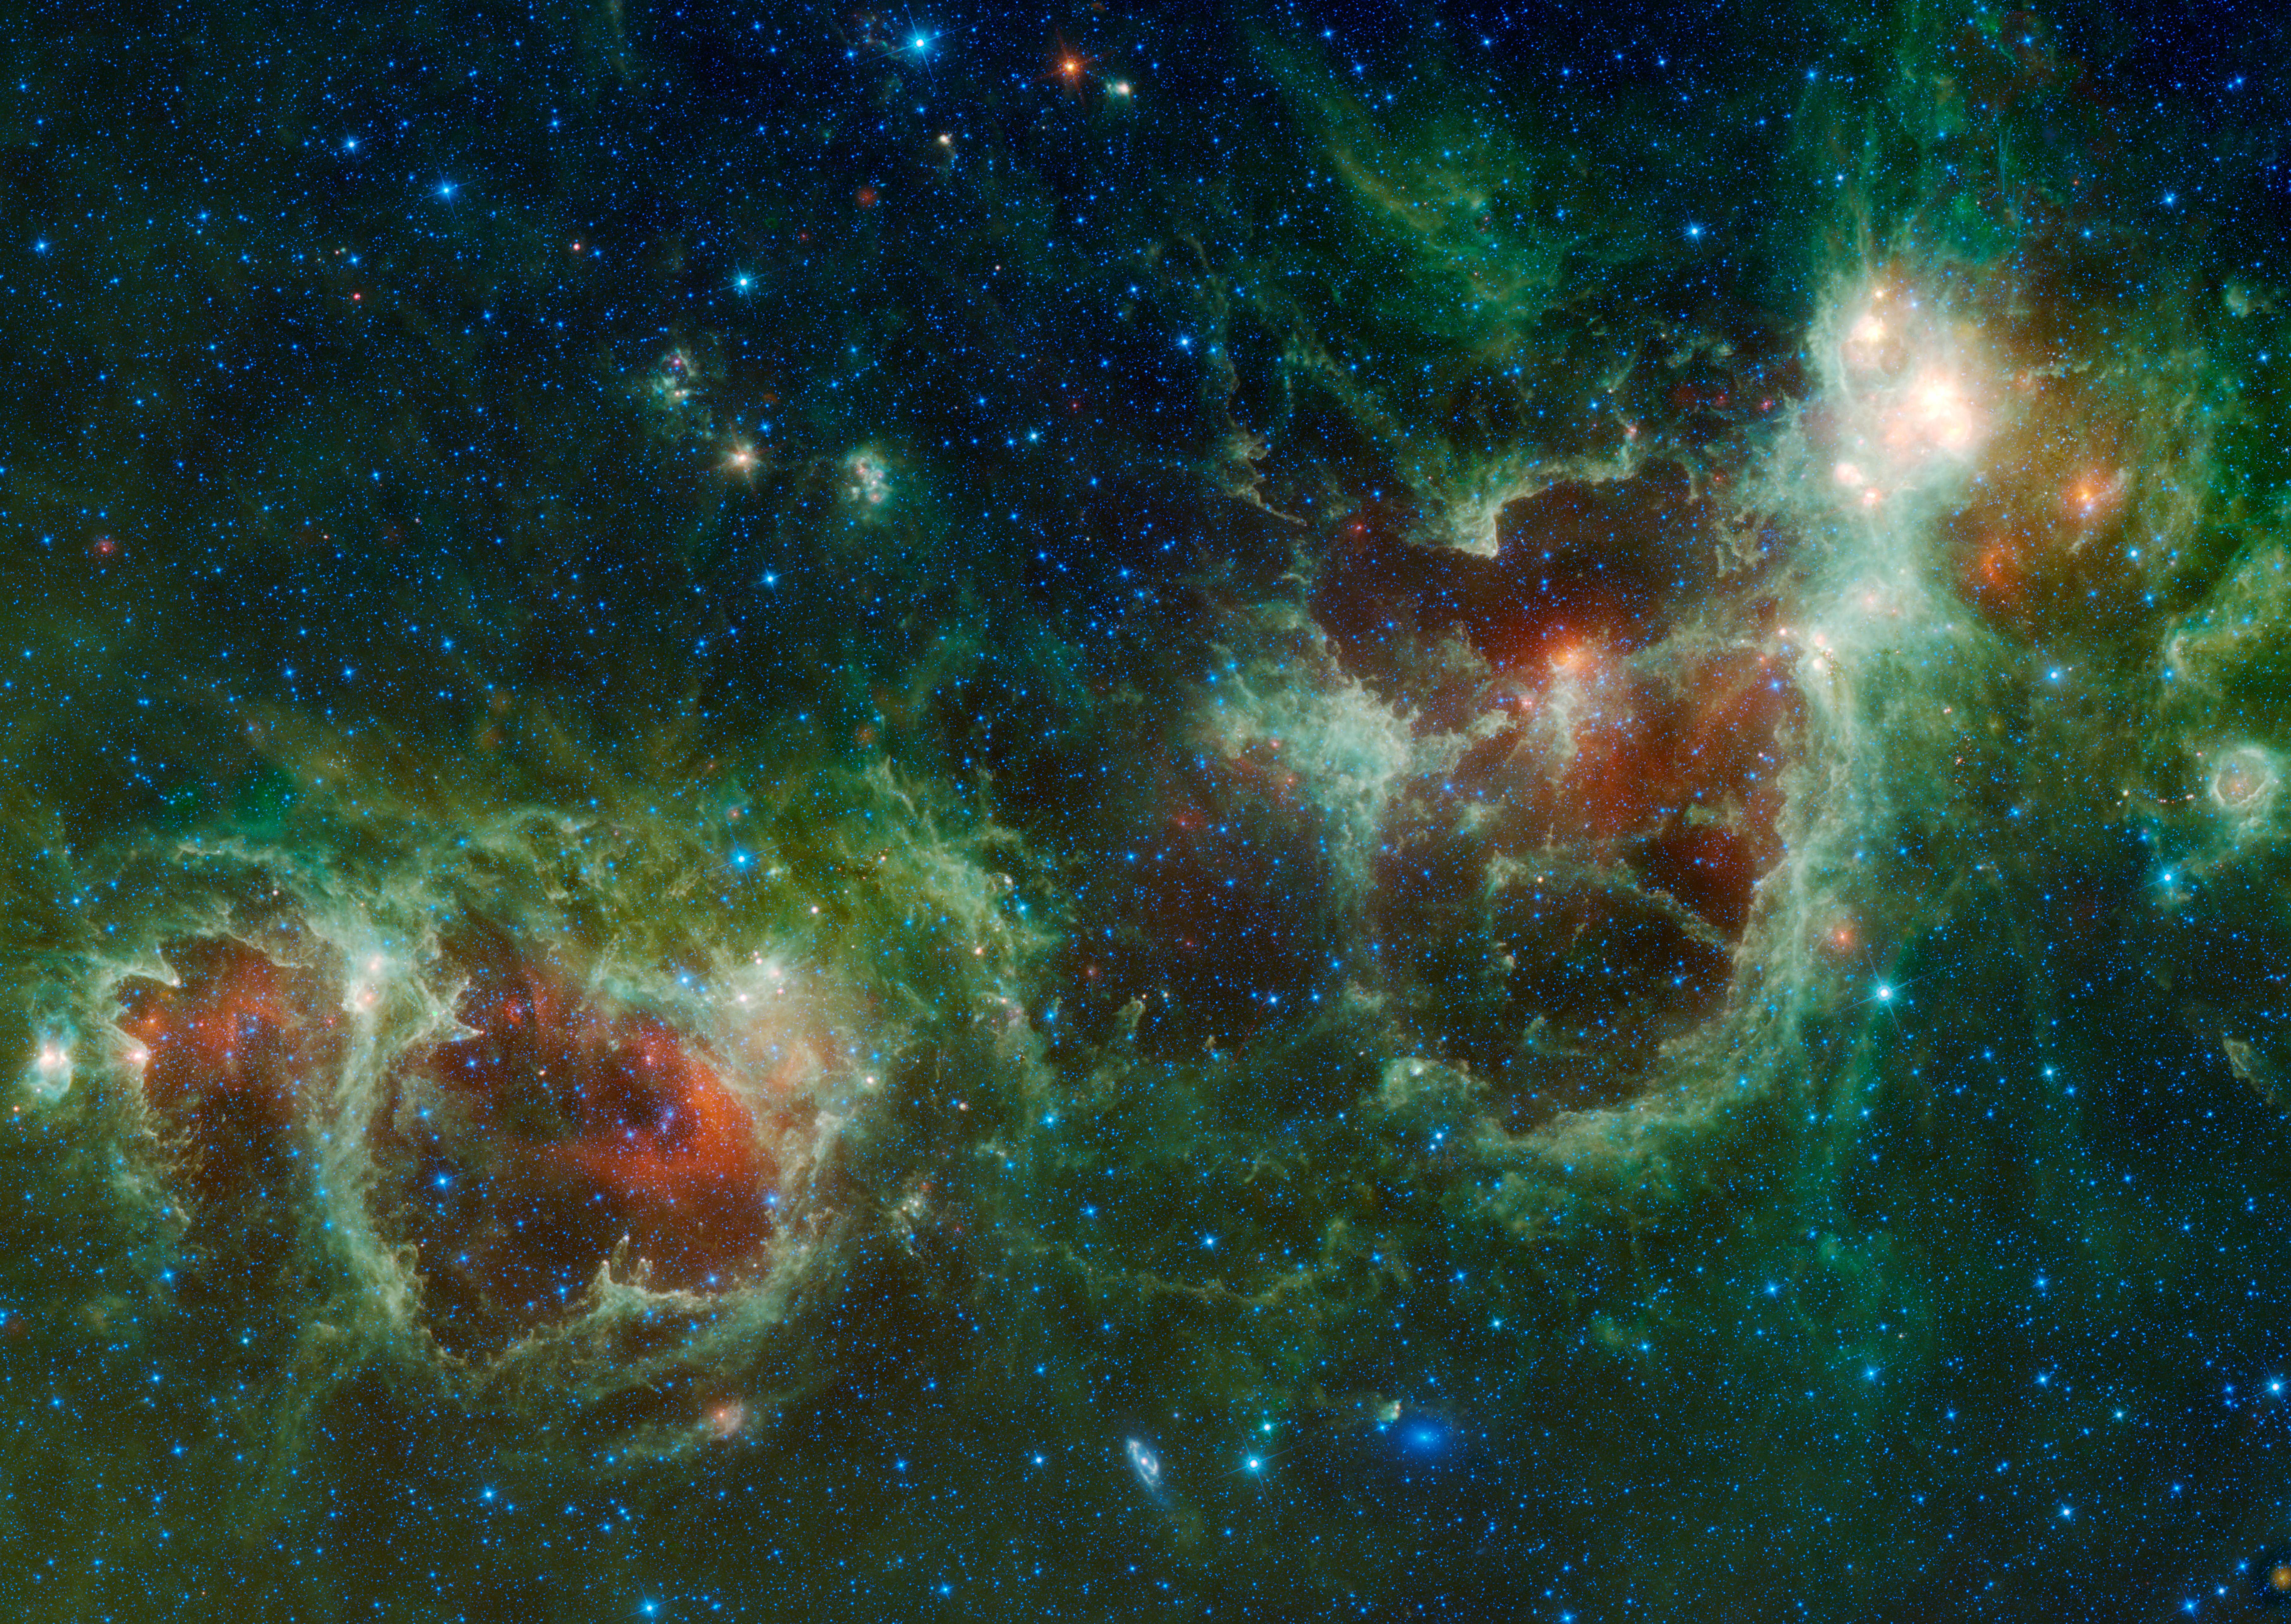 Maffei 1 Galaxy Maffei 1 is The Bluish